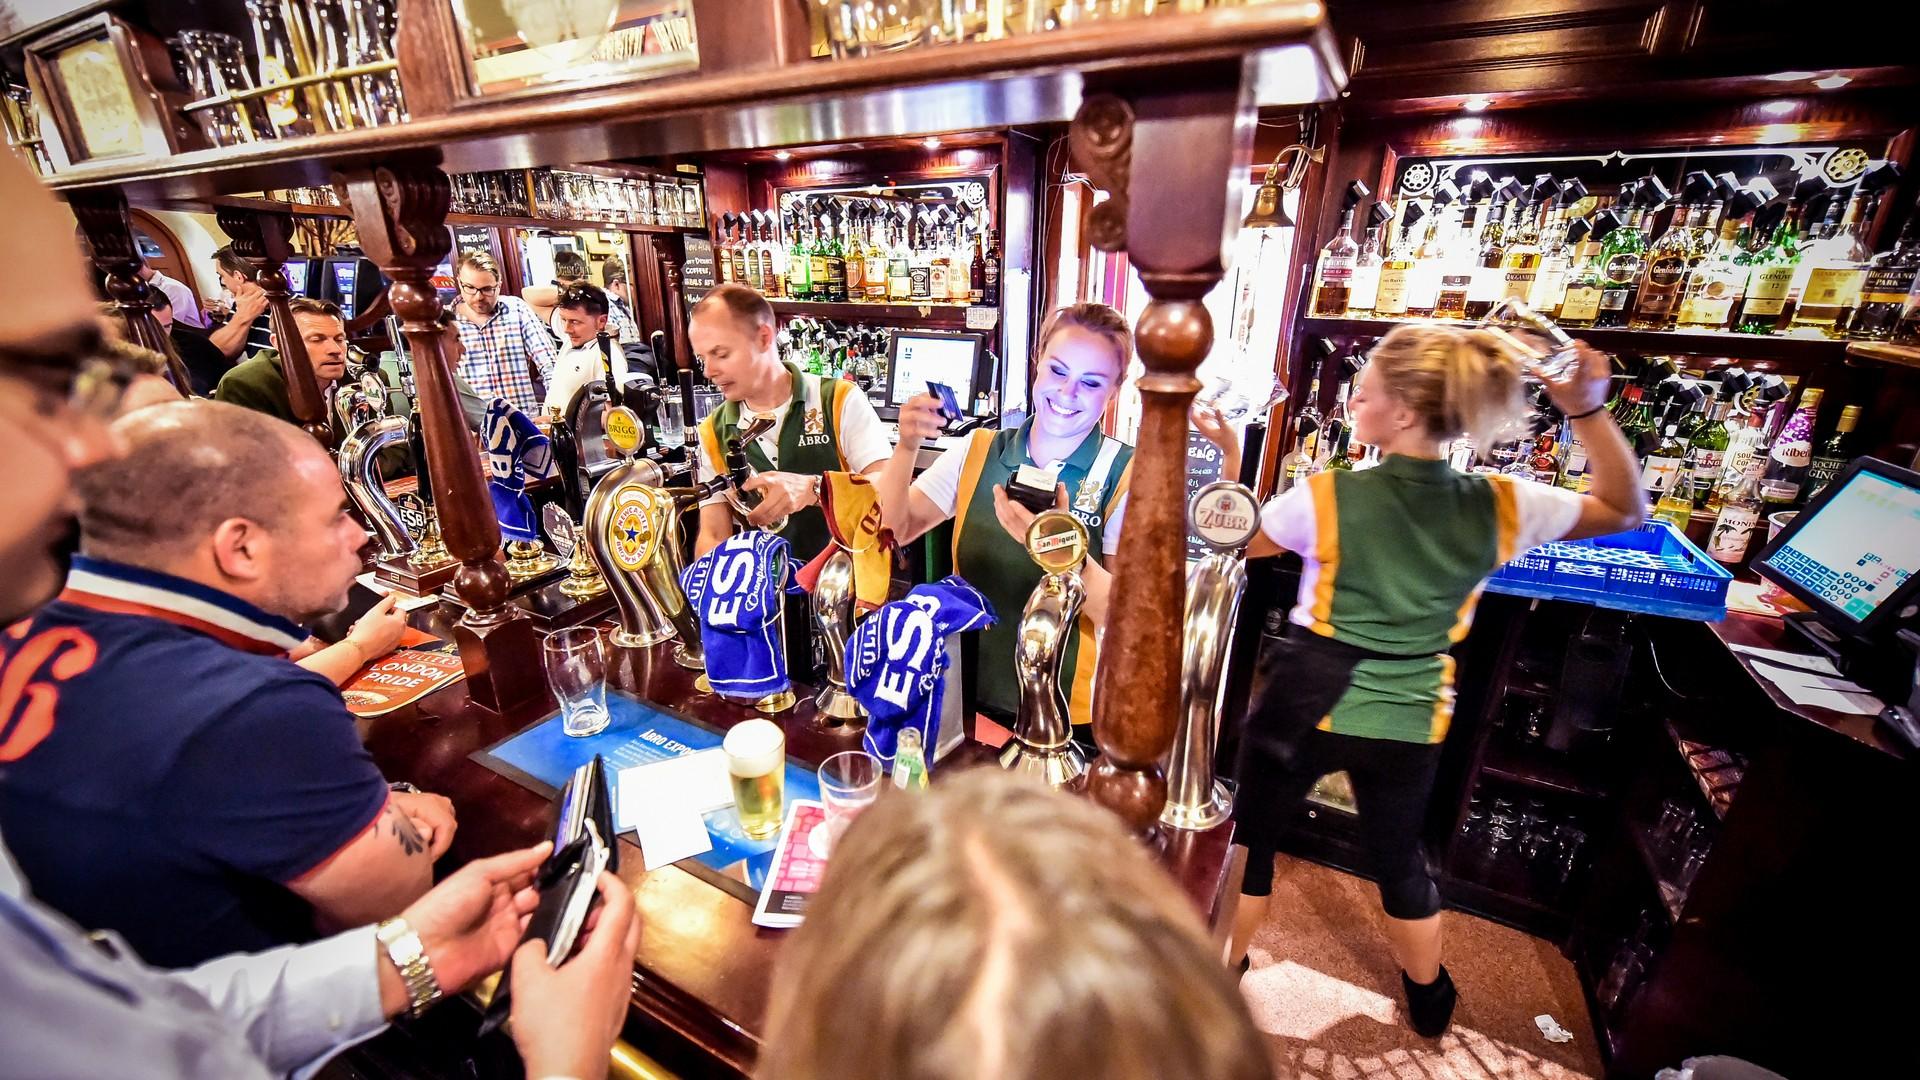 The  John Bull Pub